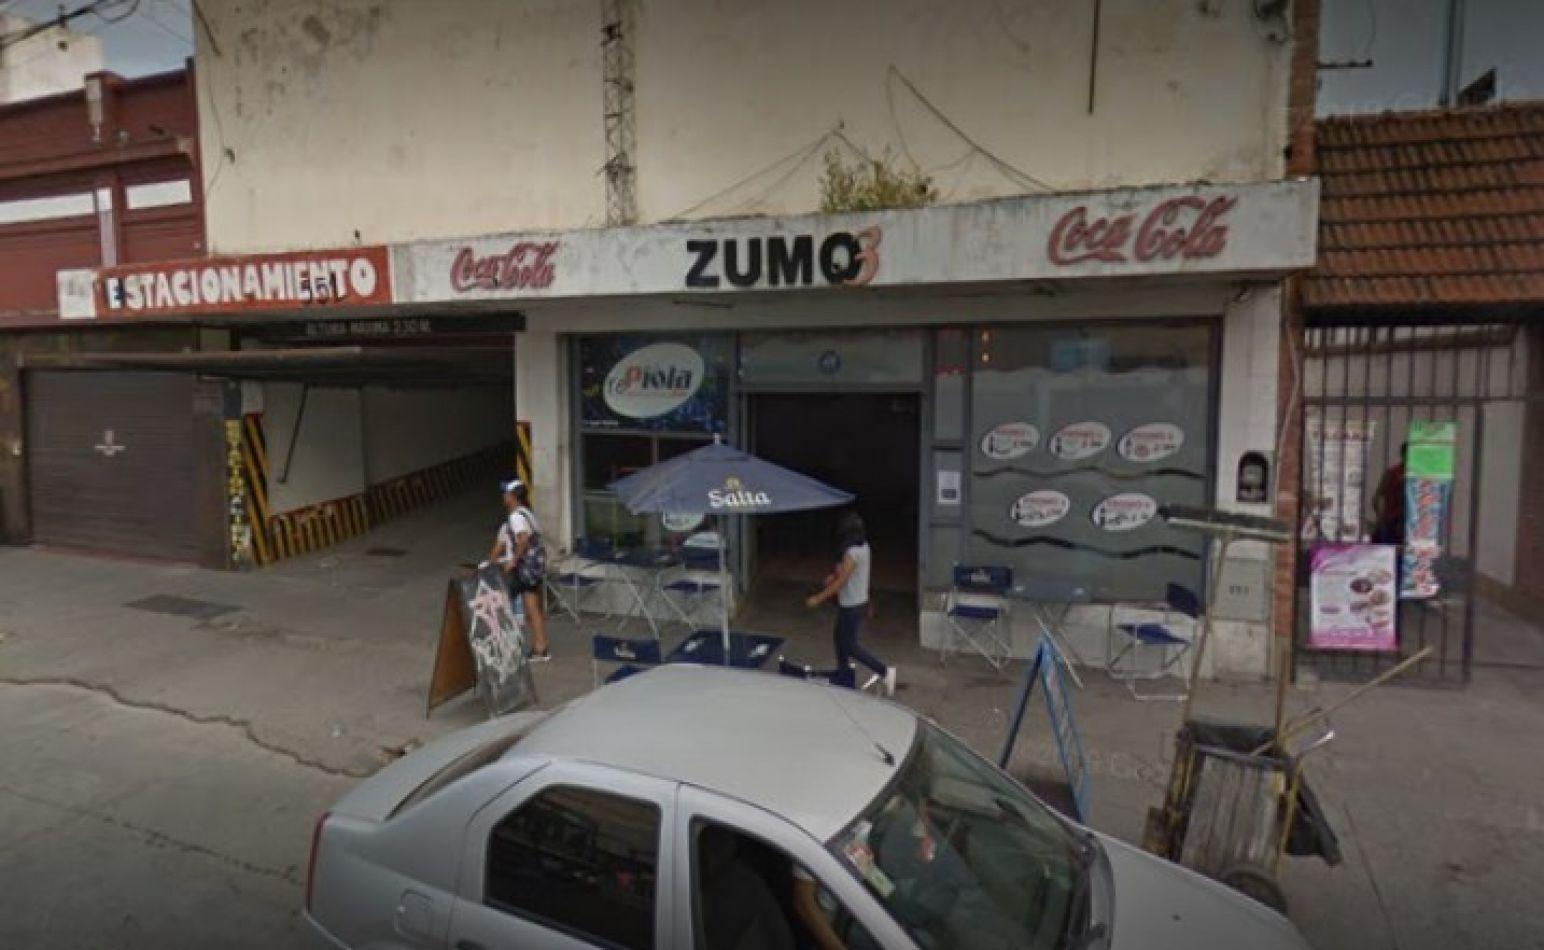 Paliza y muerte en un bar en Av. San Martín: qué hizo la víctima antes de morir